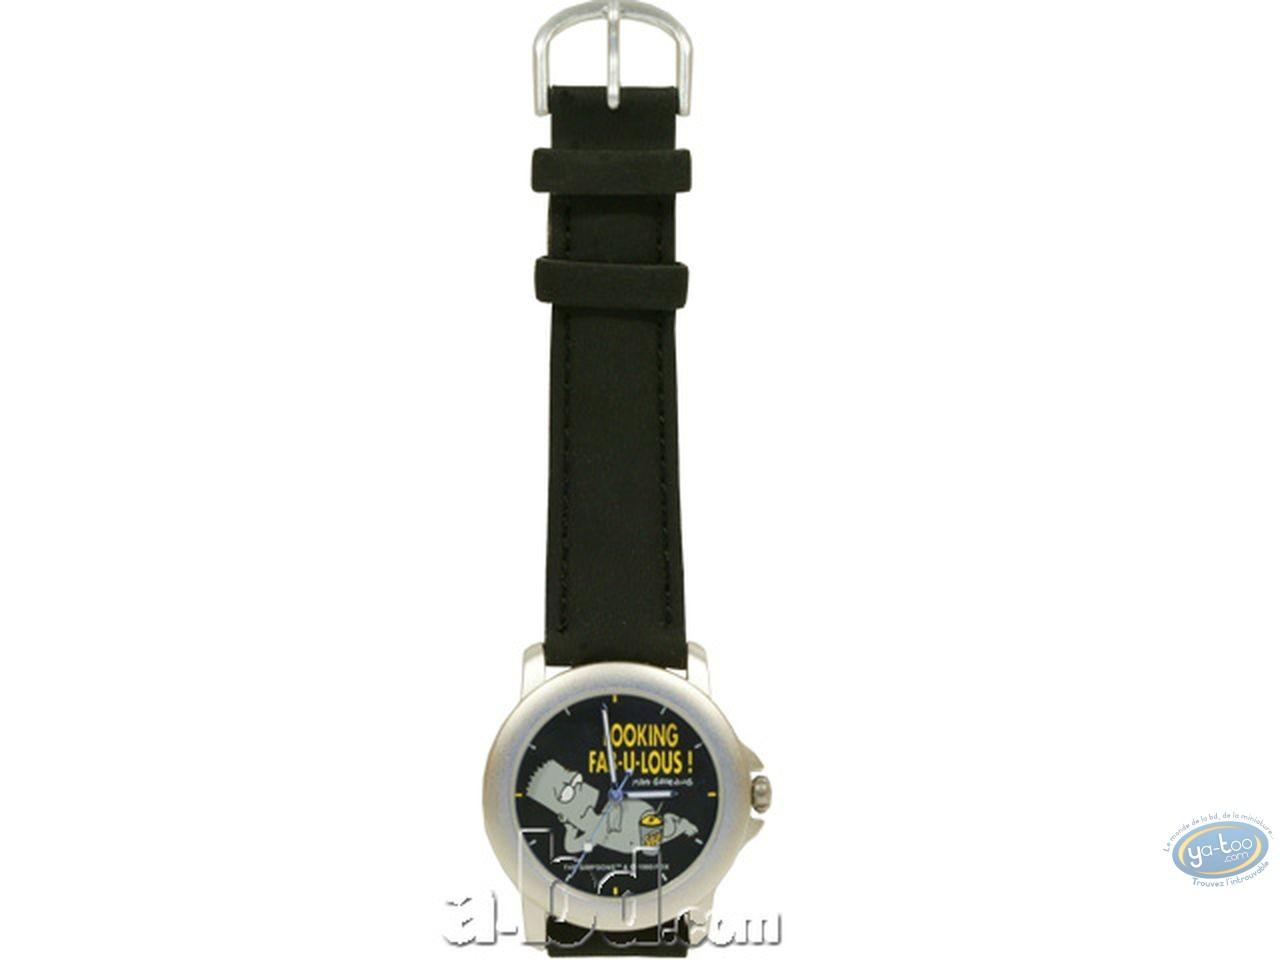 Horlogerie, Simpson (Les) : Montre, Bart fabulous (bracelet cuir)